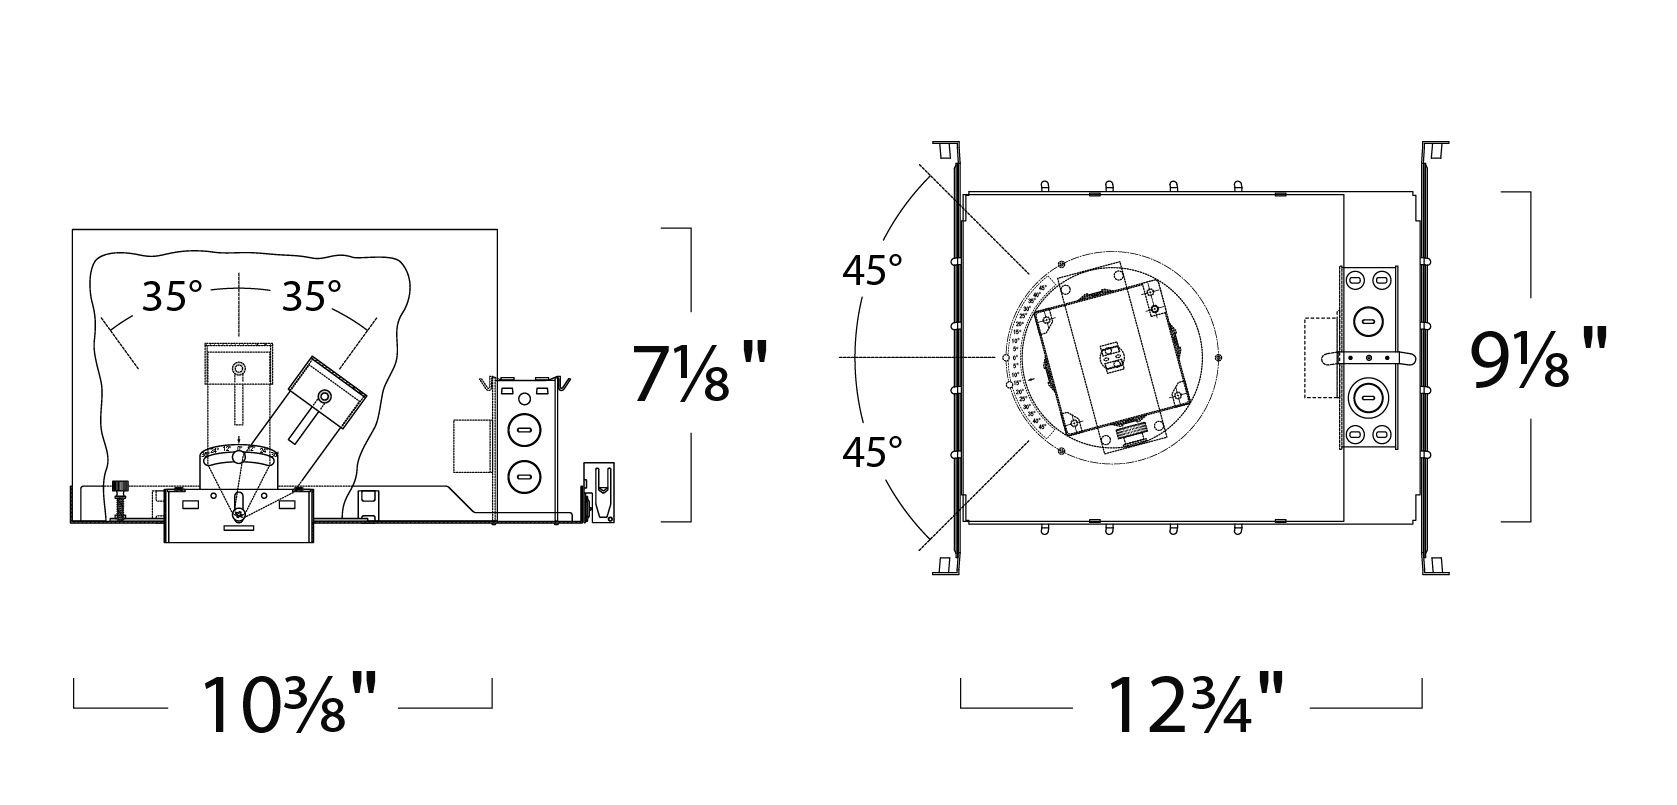 Alcon Lighting 3 Illusione 3 Inch Architectural Led